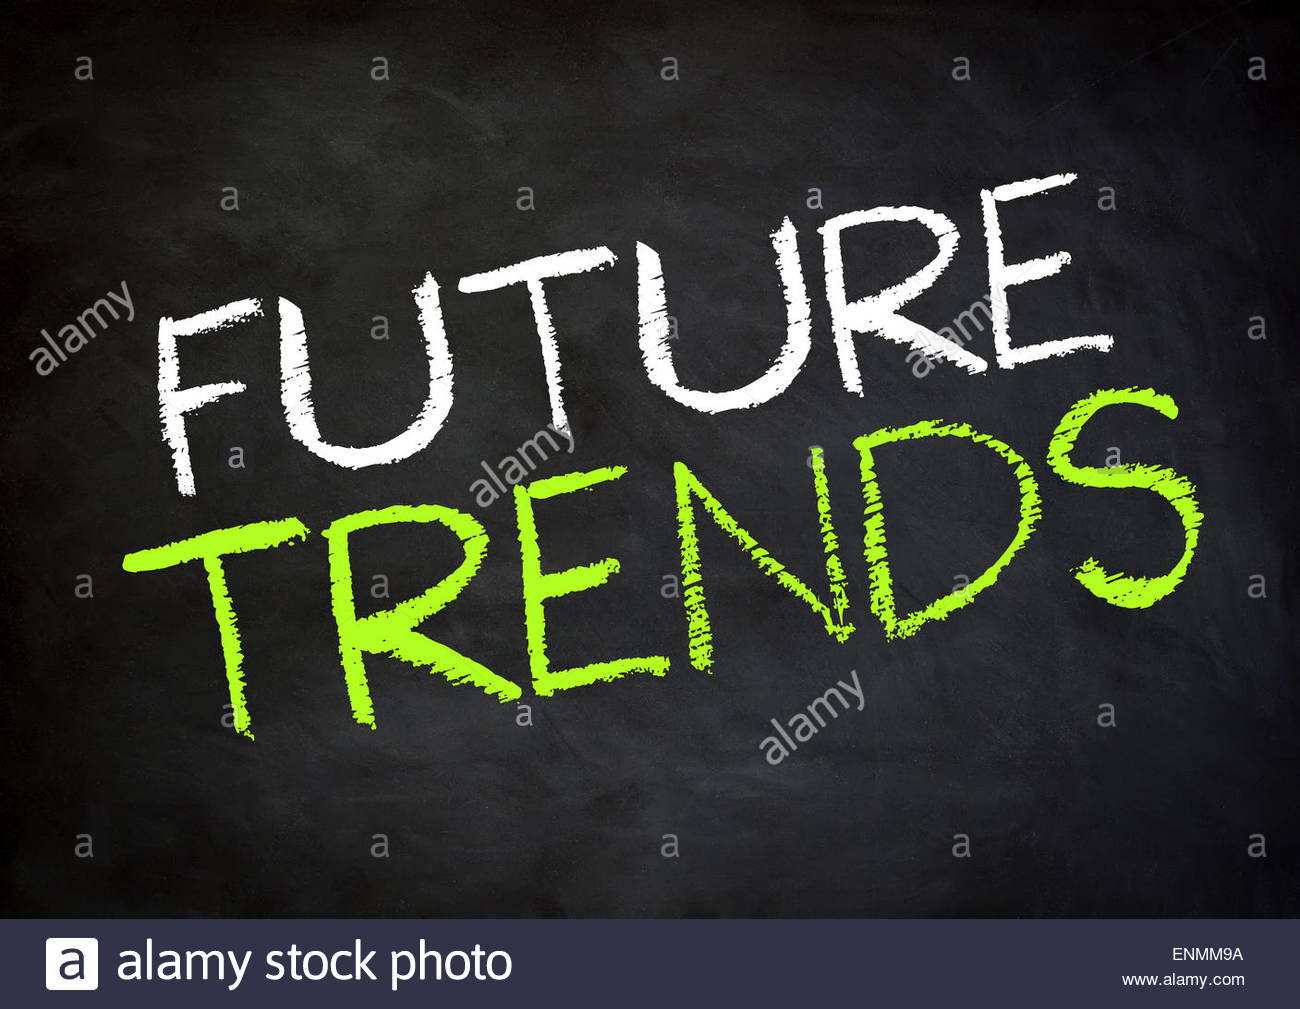 Tendenze future Immagini Stock